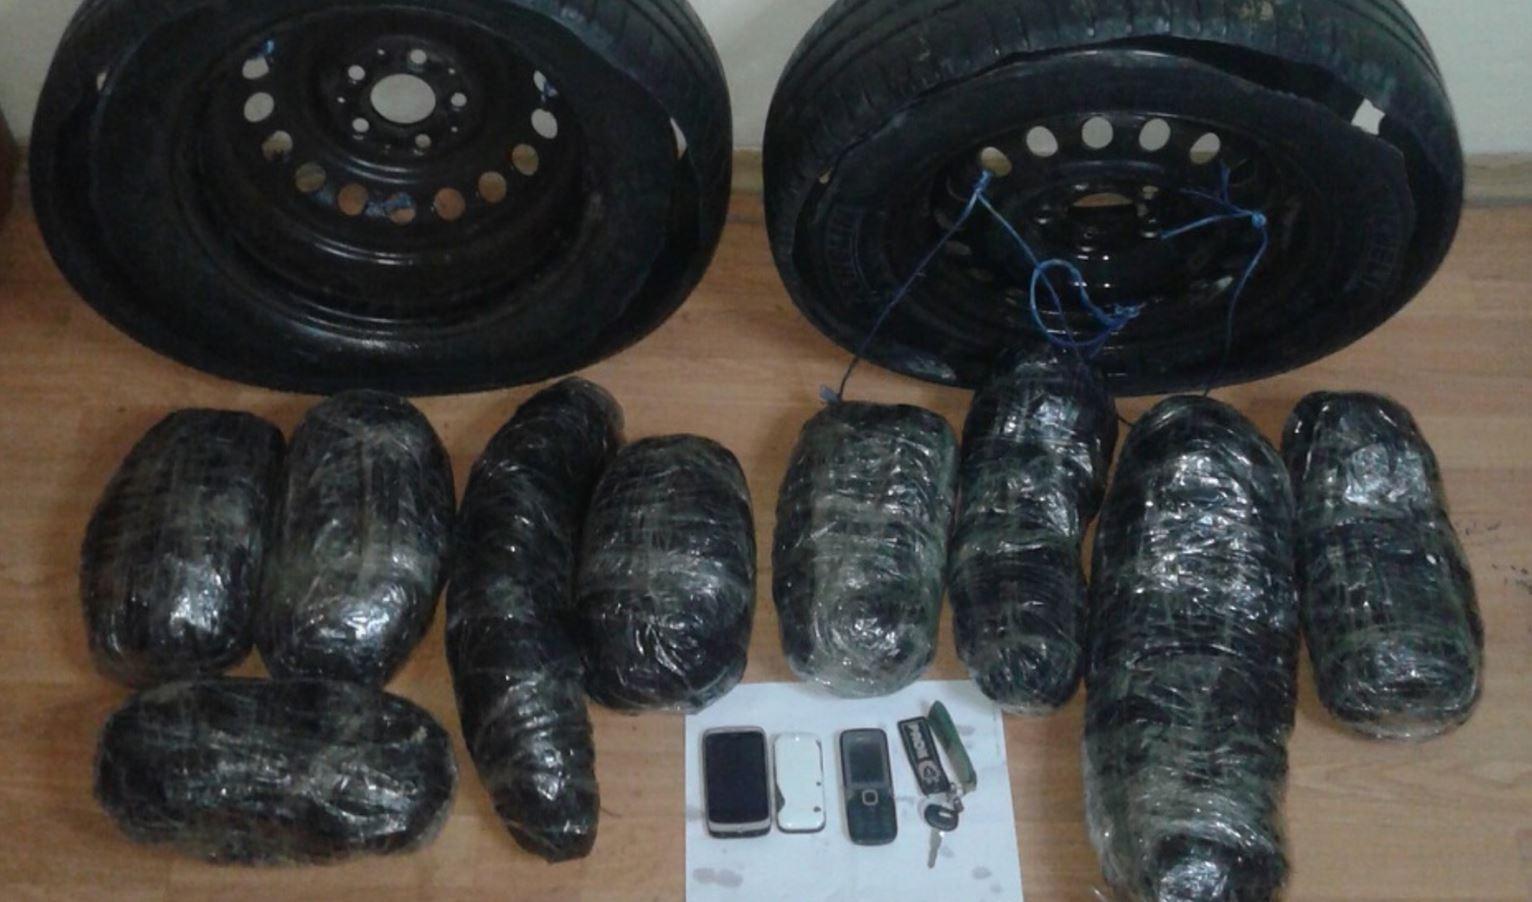 Συνελήφθησαν ακόμα δυο άτομα σε περιοχή της Καστοριάς για διακίνηση πάνω από 10 κιλά ακατέργαστης κάνναβης (Φωτογραφίες)